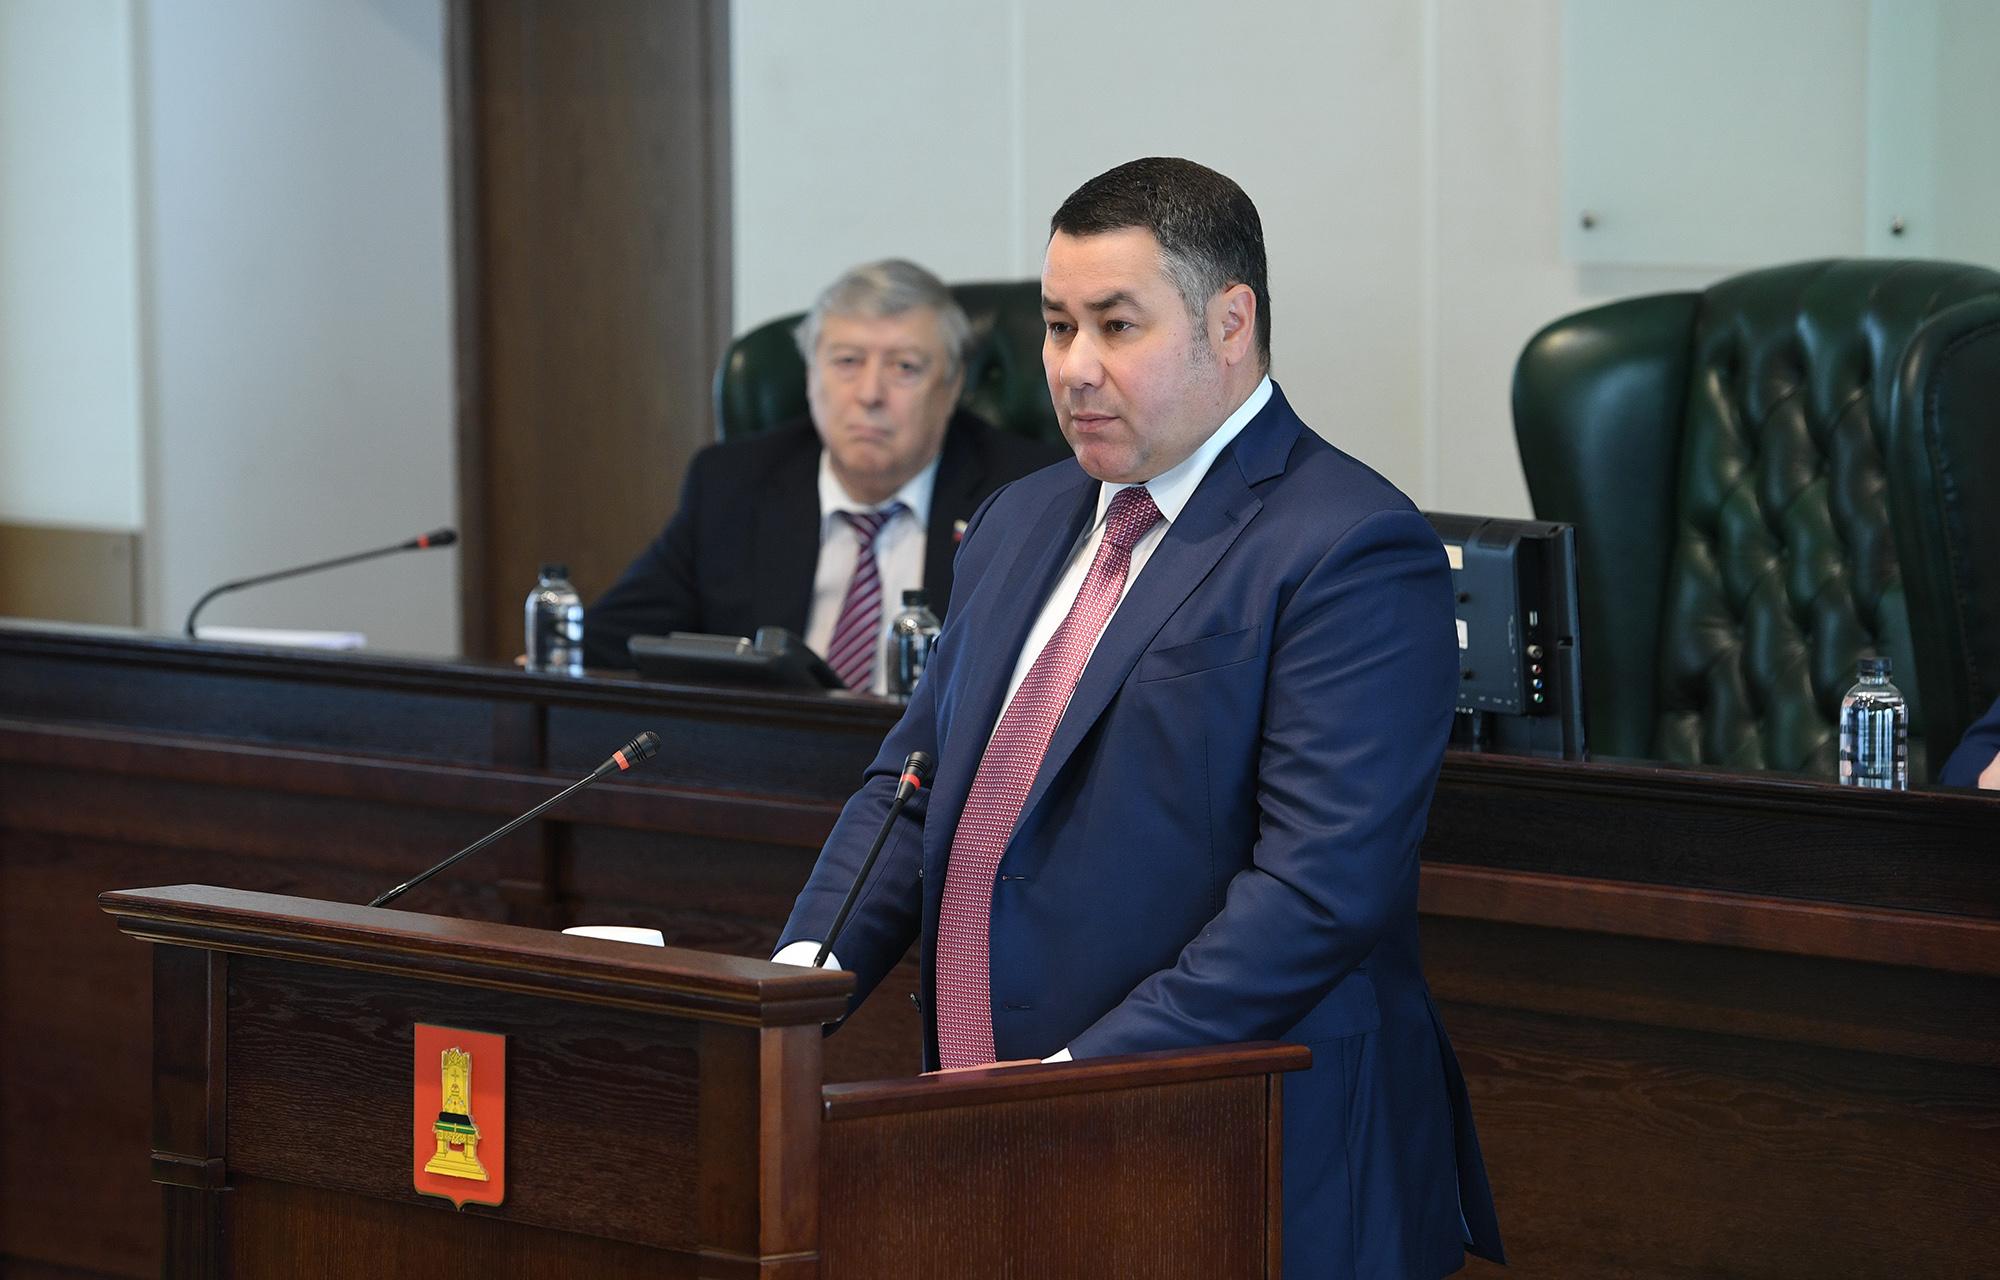 Губернатор Игорь Руденя представил в Законодательном  Собрании региона ежегодный отчет об итогах работы Правительства Тверской области в 2019 году